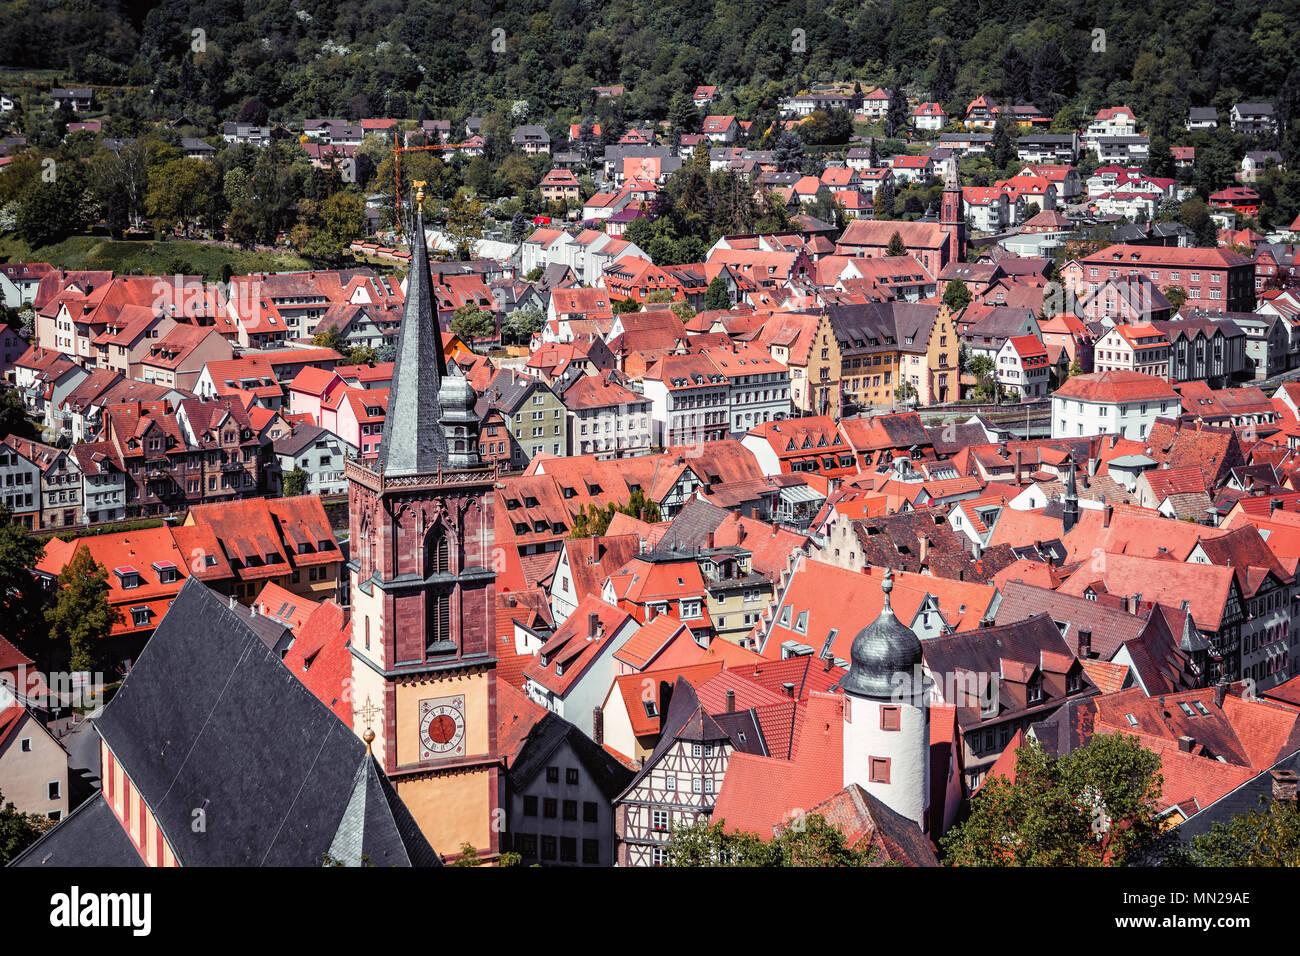 Malerische Sommer Antenne Panorama der Altstadt Stadt in Wertheim am Main, Bayern, Deutschland Stockbild